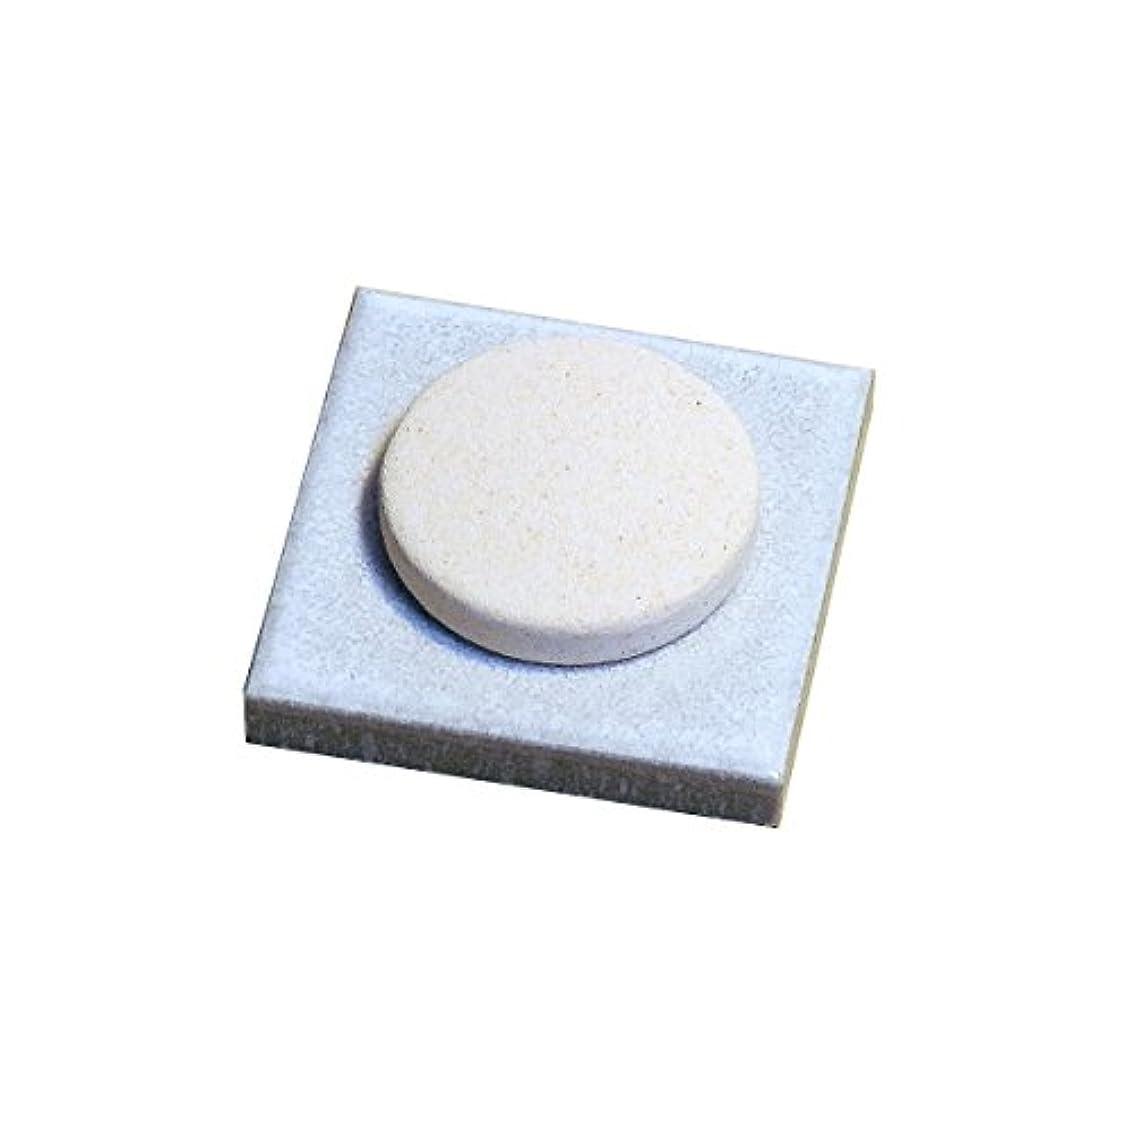 だらしない外向き一時停止〔立風屋〕珪藻土アロマプレート美濃焼タイルセット ホワイト(白) RPAP-01003-WT